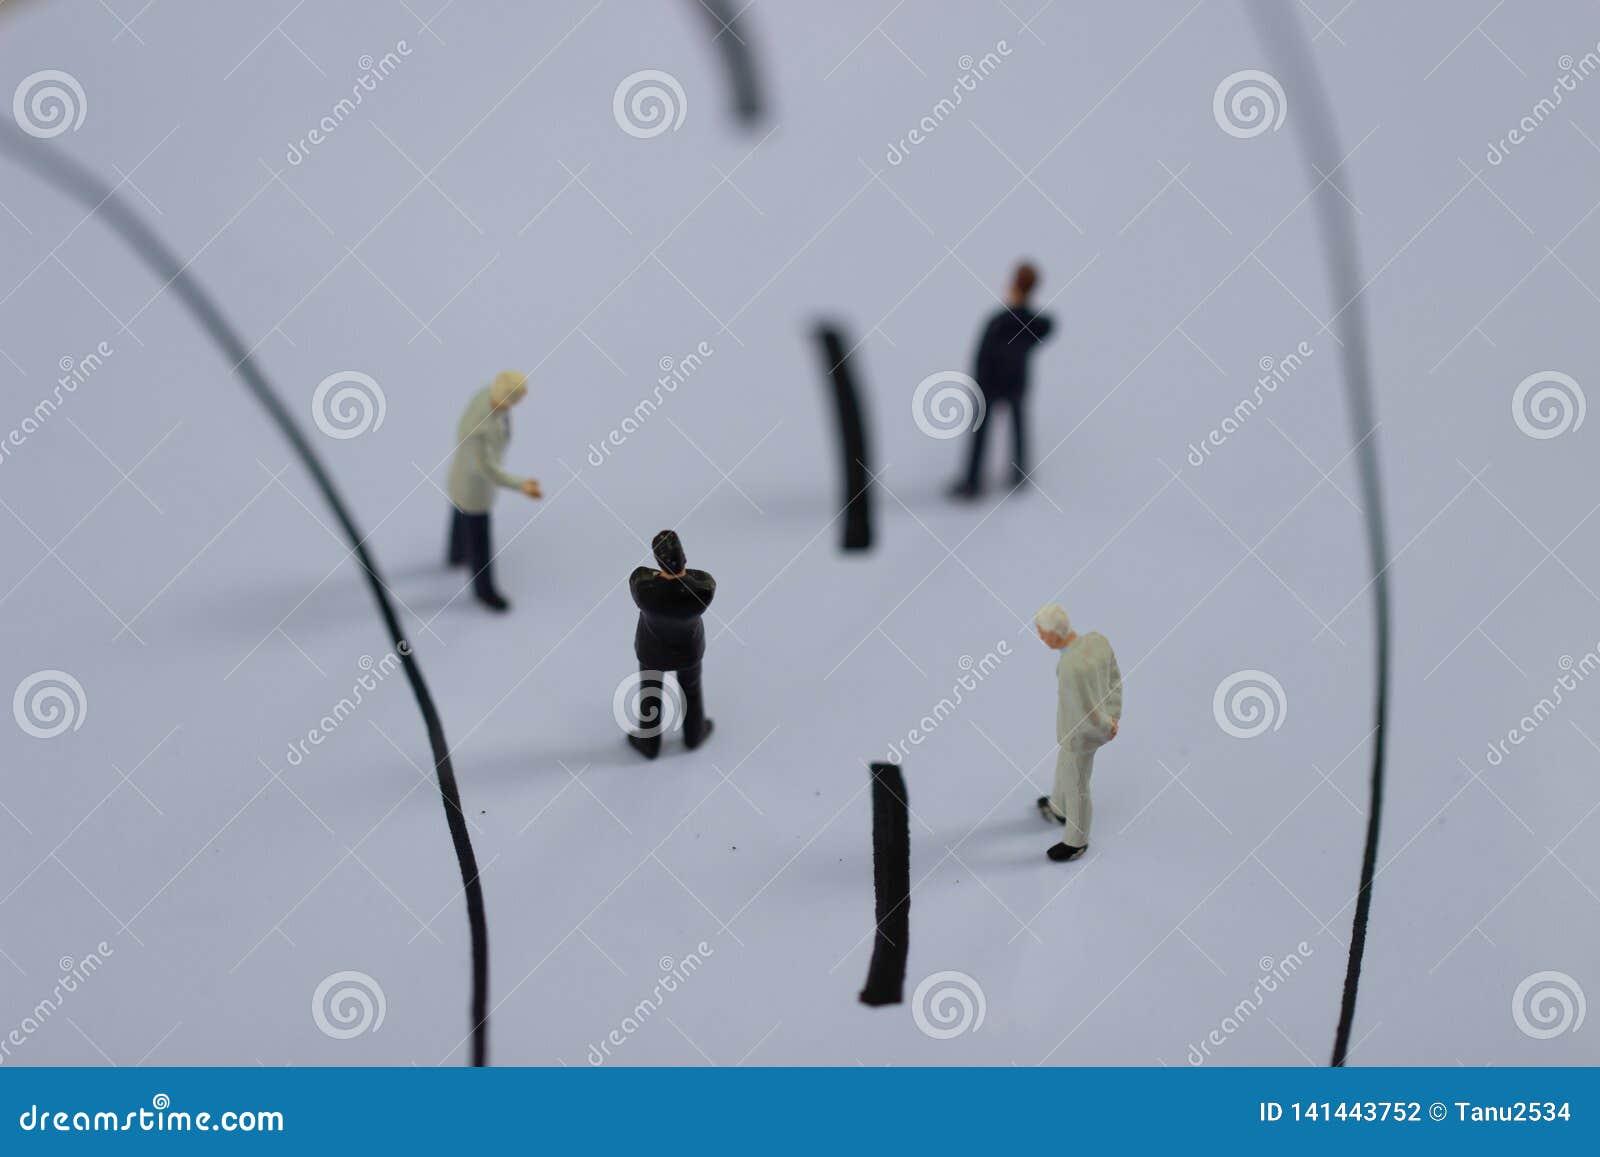 Миниатюрные люди: Диаграммы малого предпринимателя идя на улице